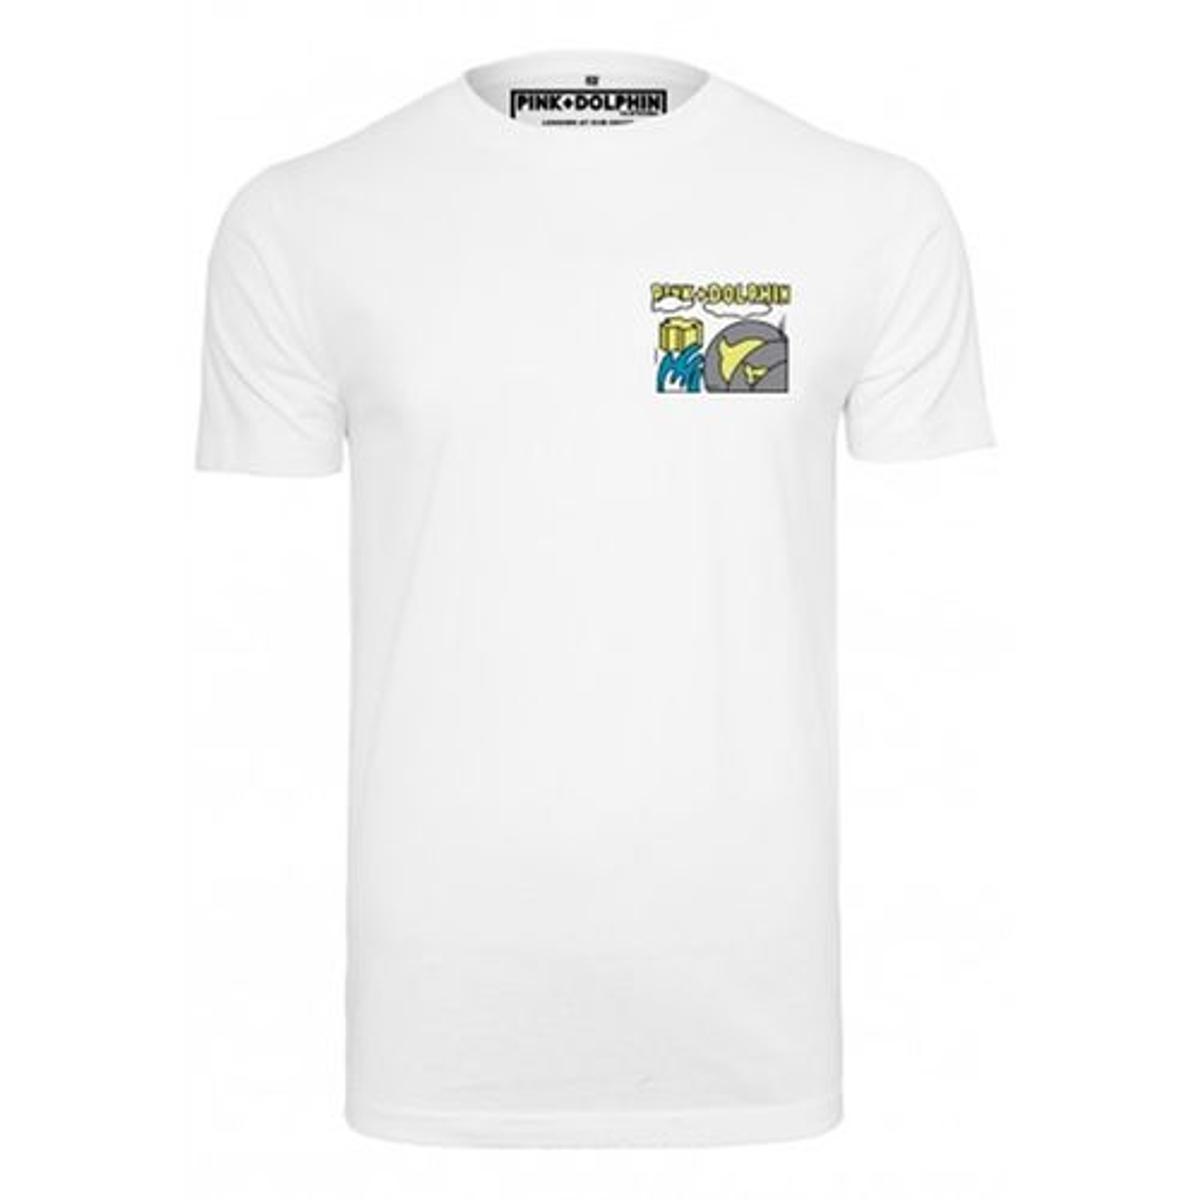 T-shirt avec imprimé Level Up